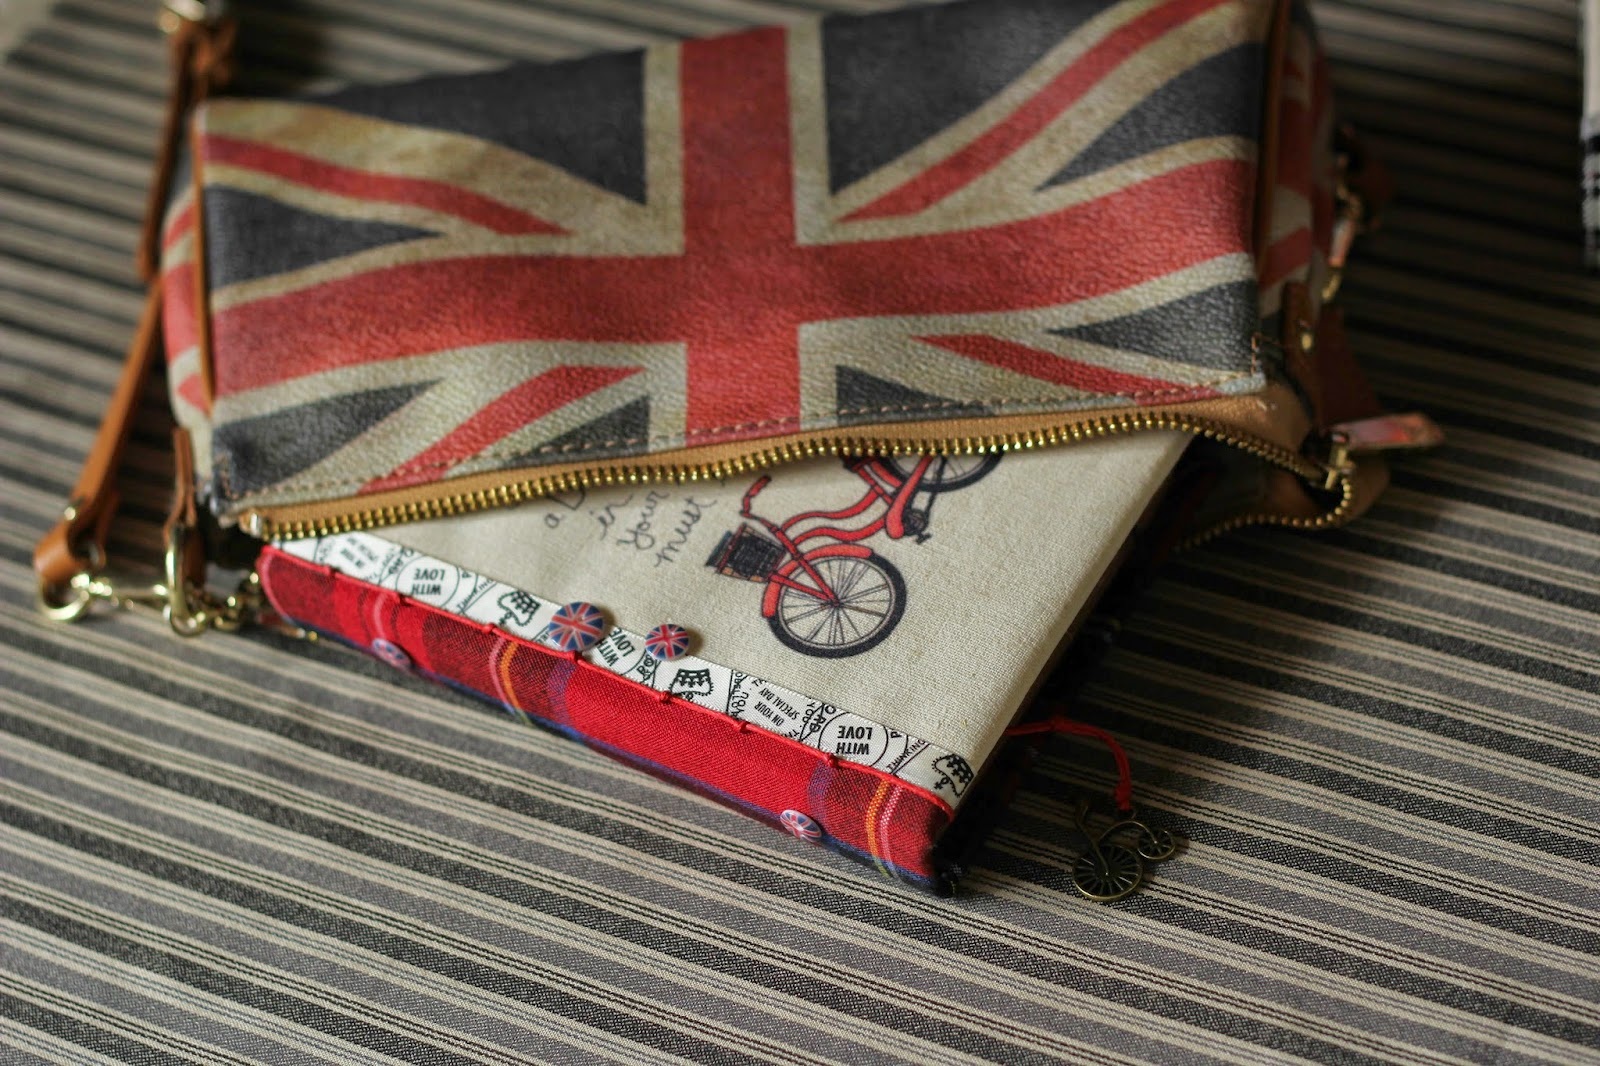 Блокнот с нуля, красный велосипед, британский флаг, Англия, состаренный блокнот